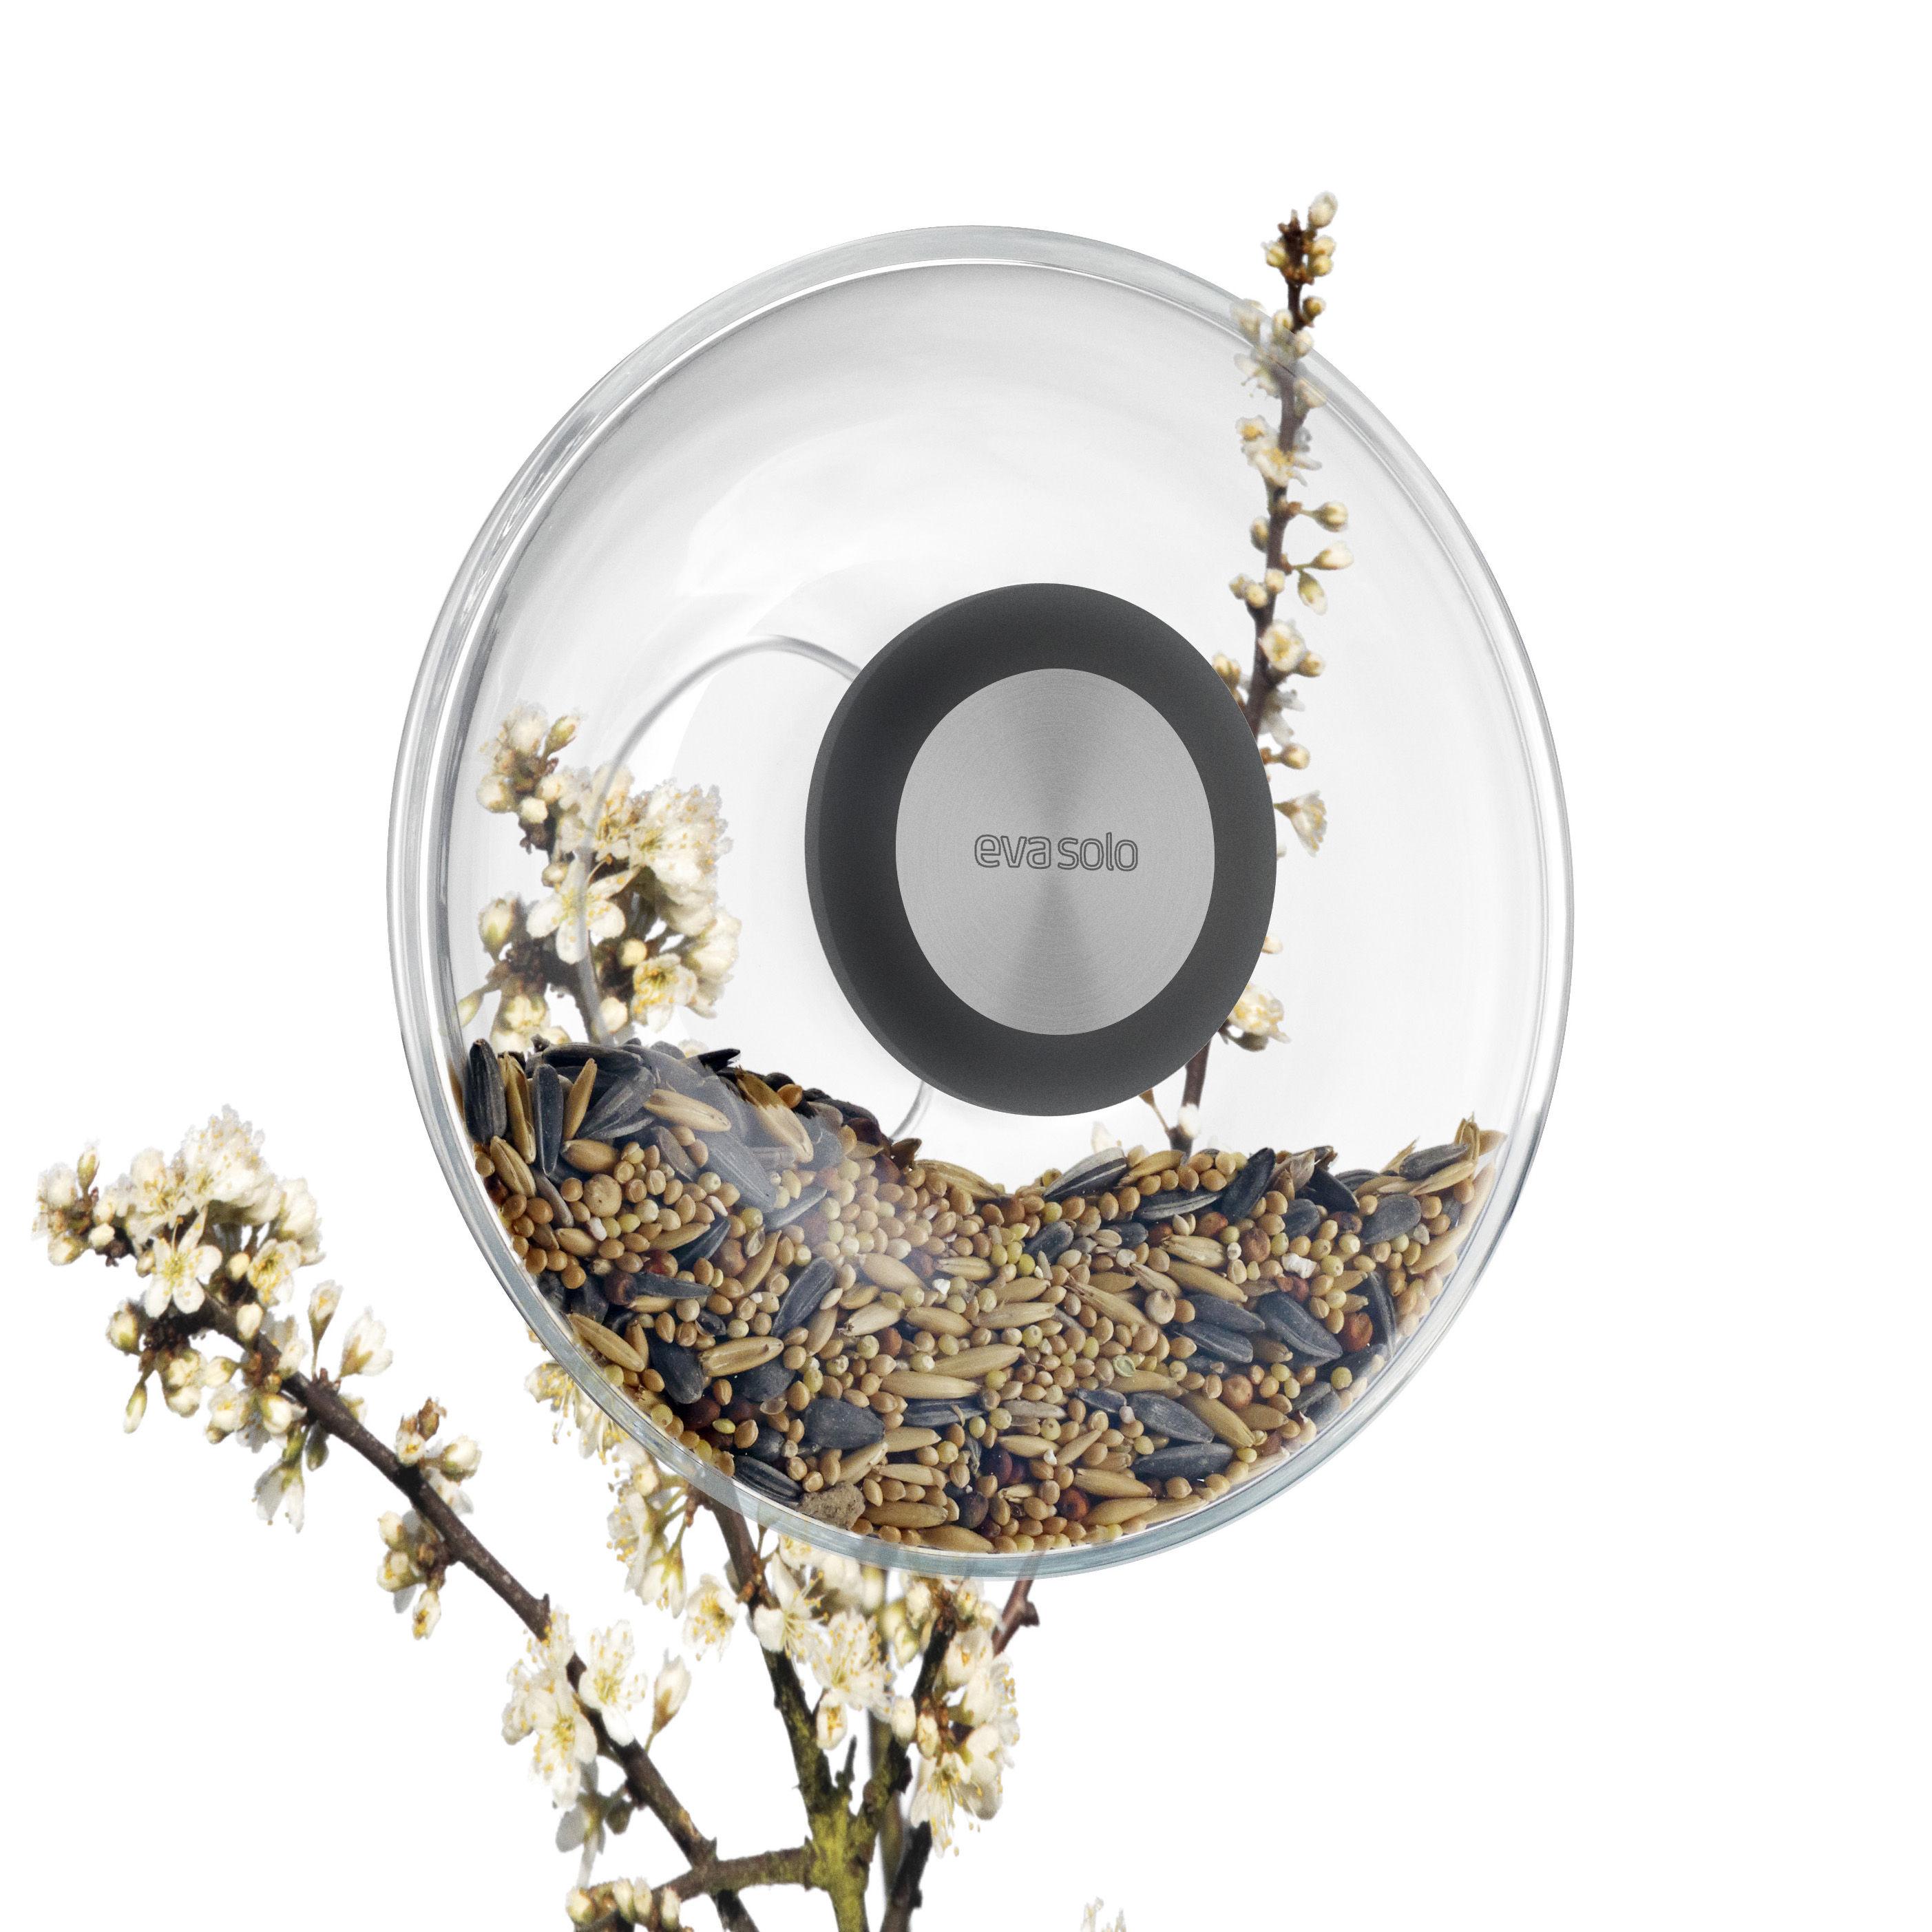 Scopri mangiatoia per uccelli rotonda per finestra trasparente nero di eva solo made in - Finestra rotonda e ovale ...